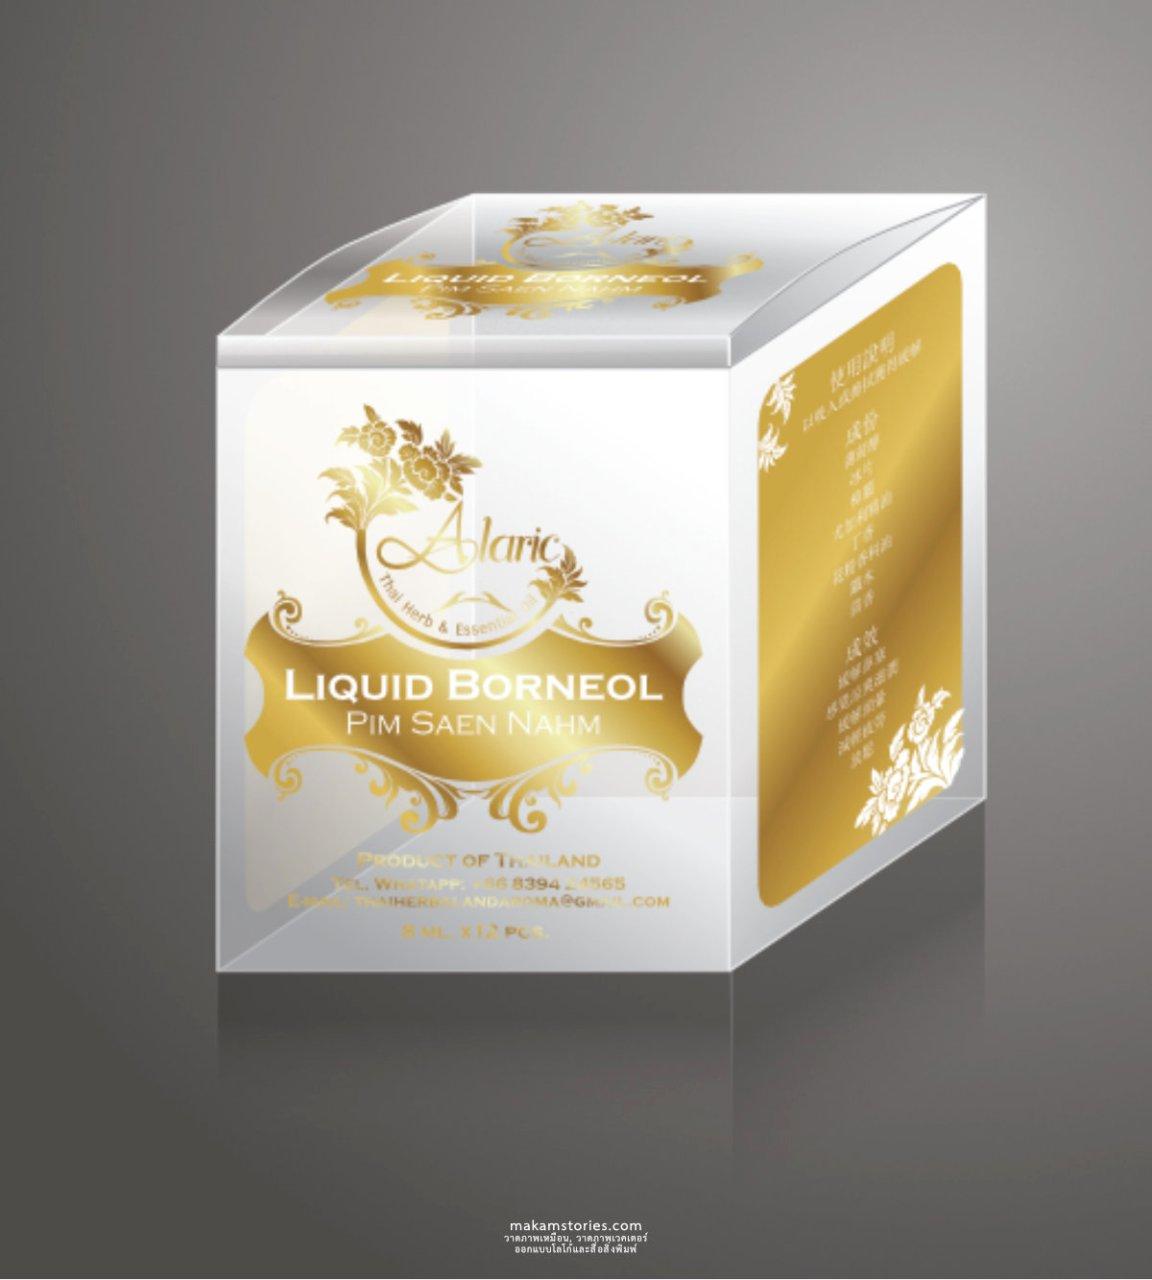 งานออกแบบกล่อง ฉลากสินค้าผลิตภัณฑ์สมุนไพรพิมเสนน้ำ